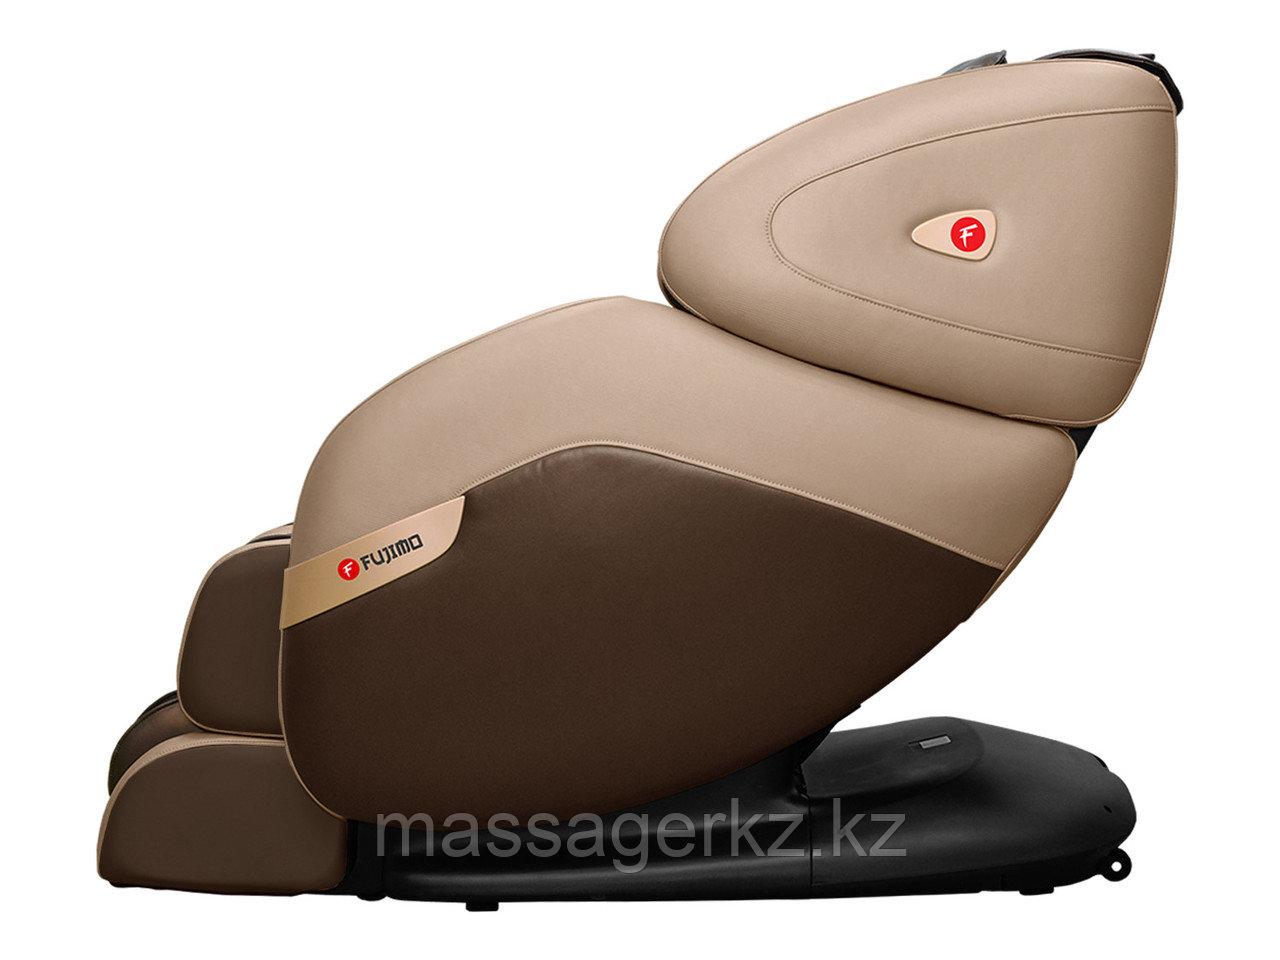 Массажное кресло FUJIMO QI F-633 2020 Design